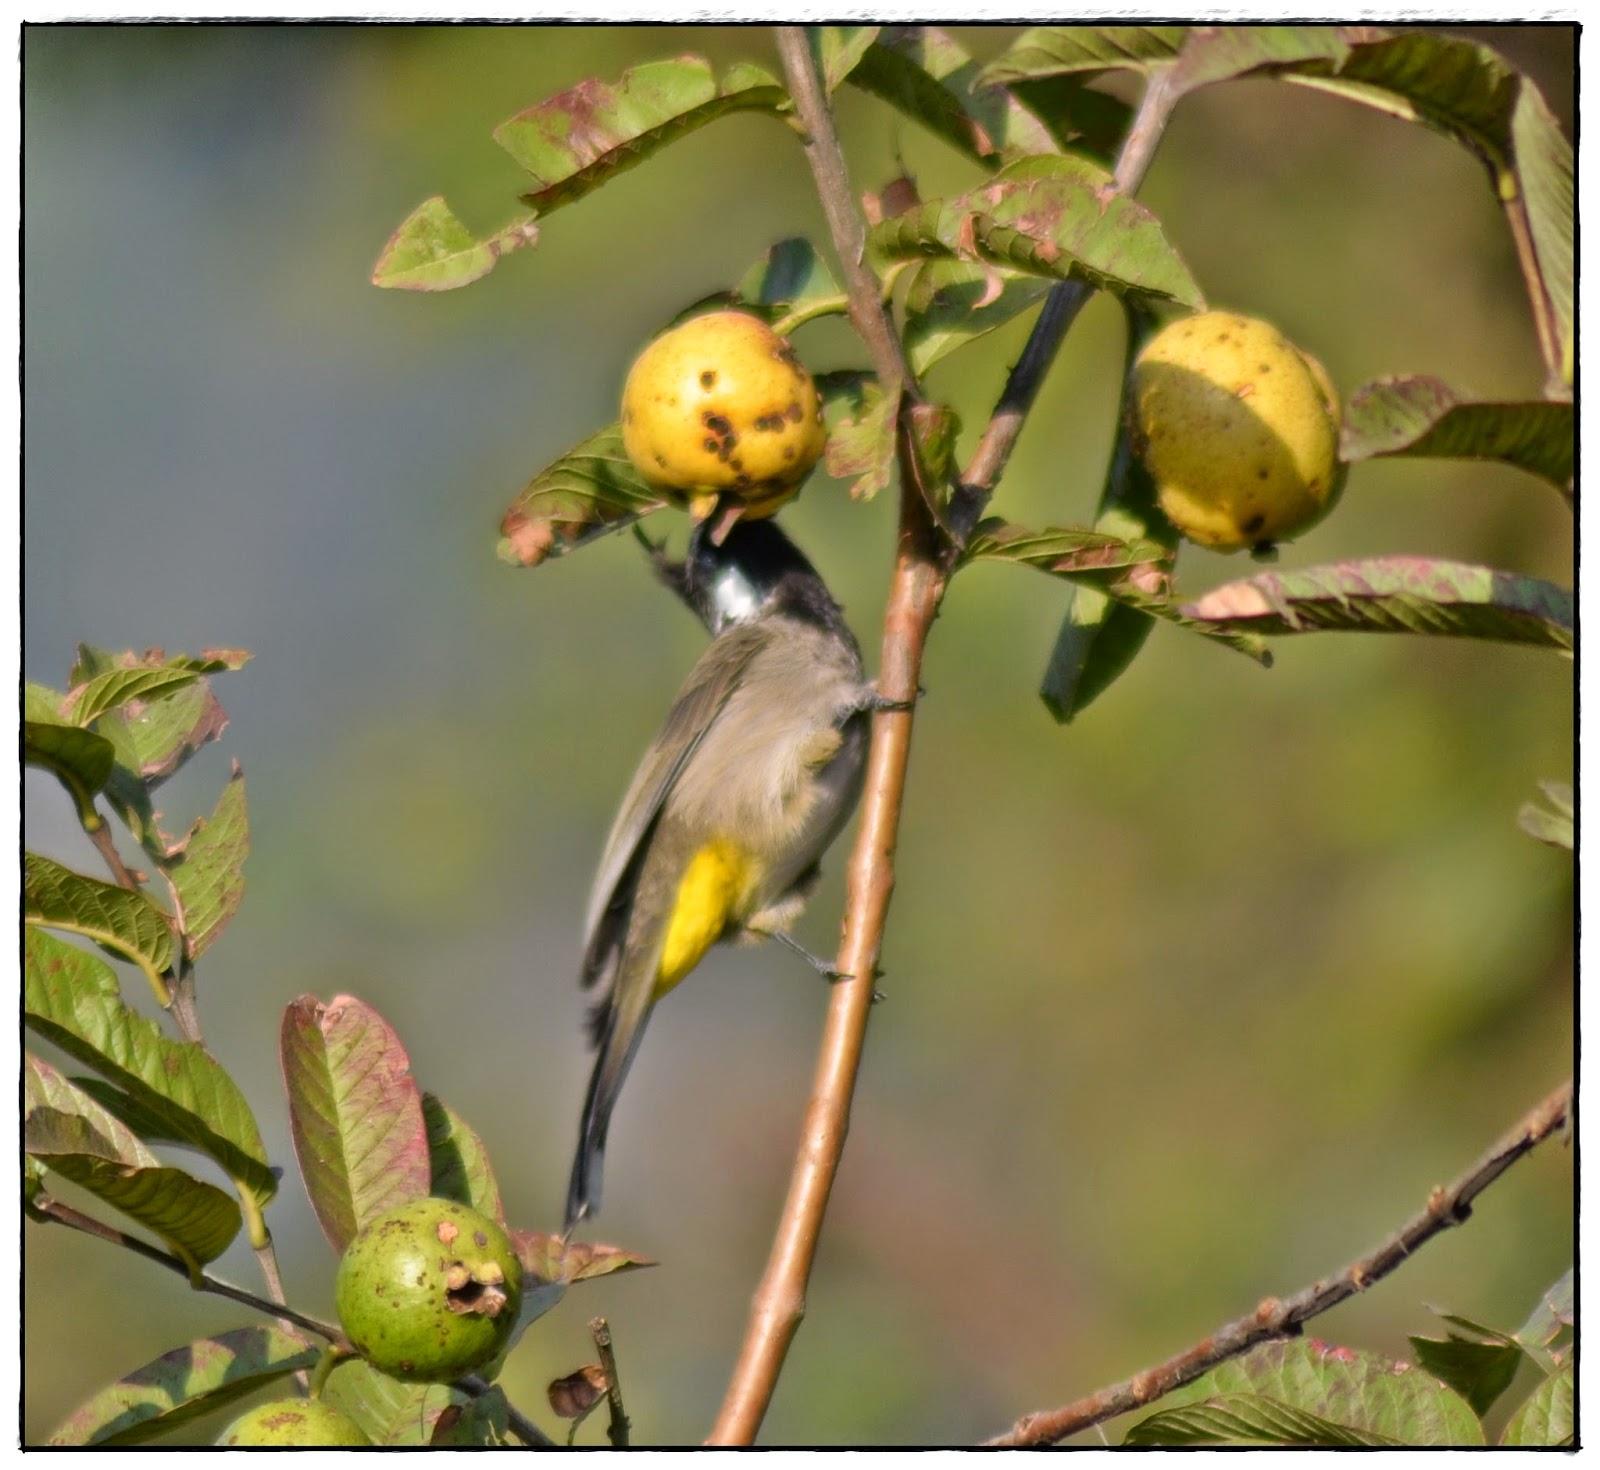 Indian Bulbul Bird Food